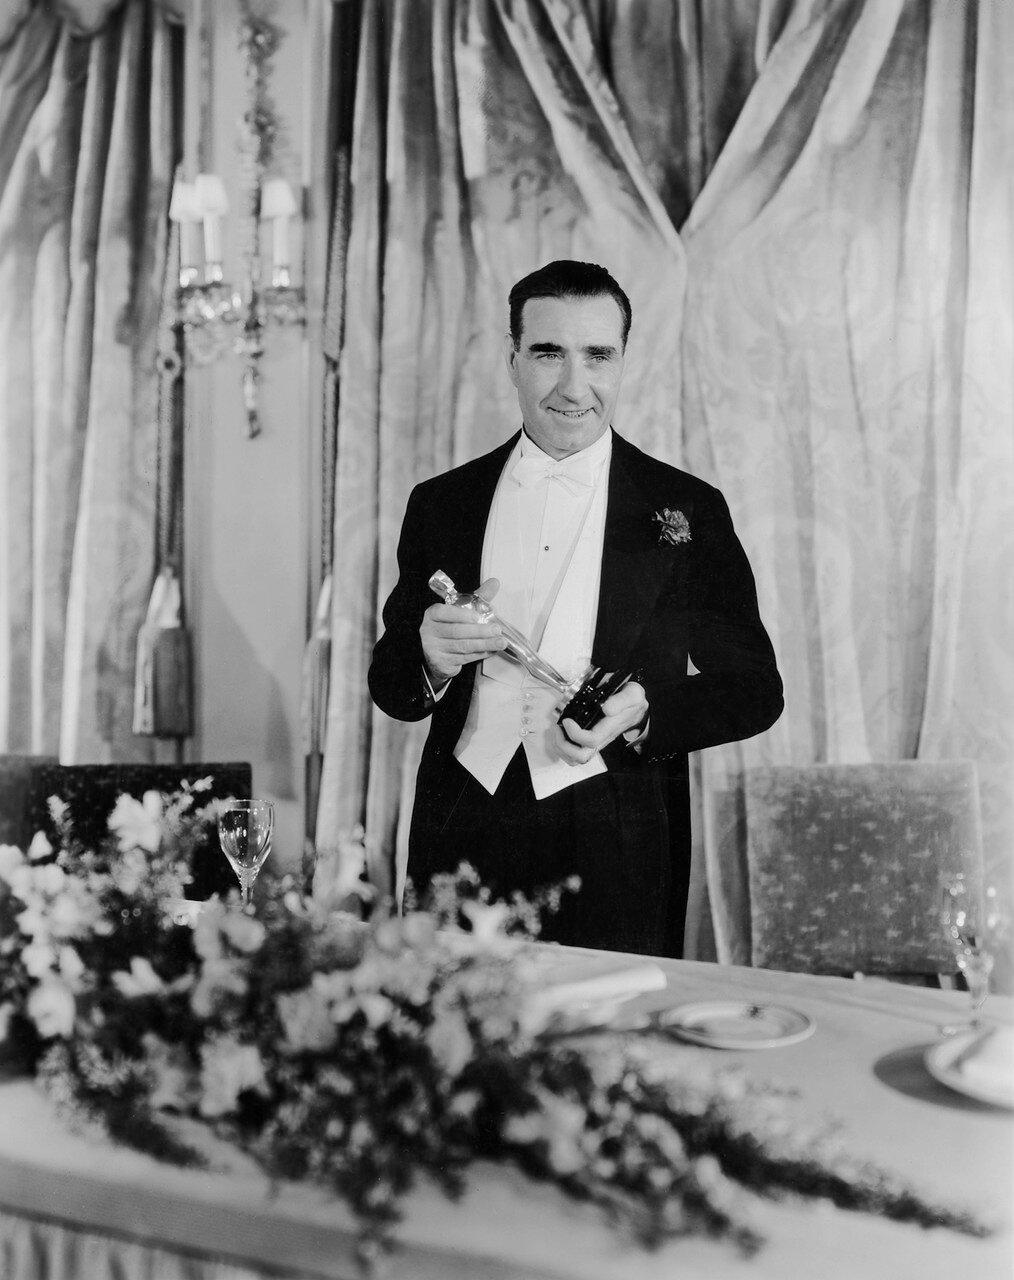 1933. Фрэнк Ллойд — «Кавалькада» (Cavalcade). Лучшая режиссёрская работа